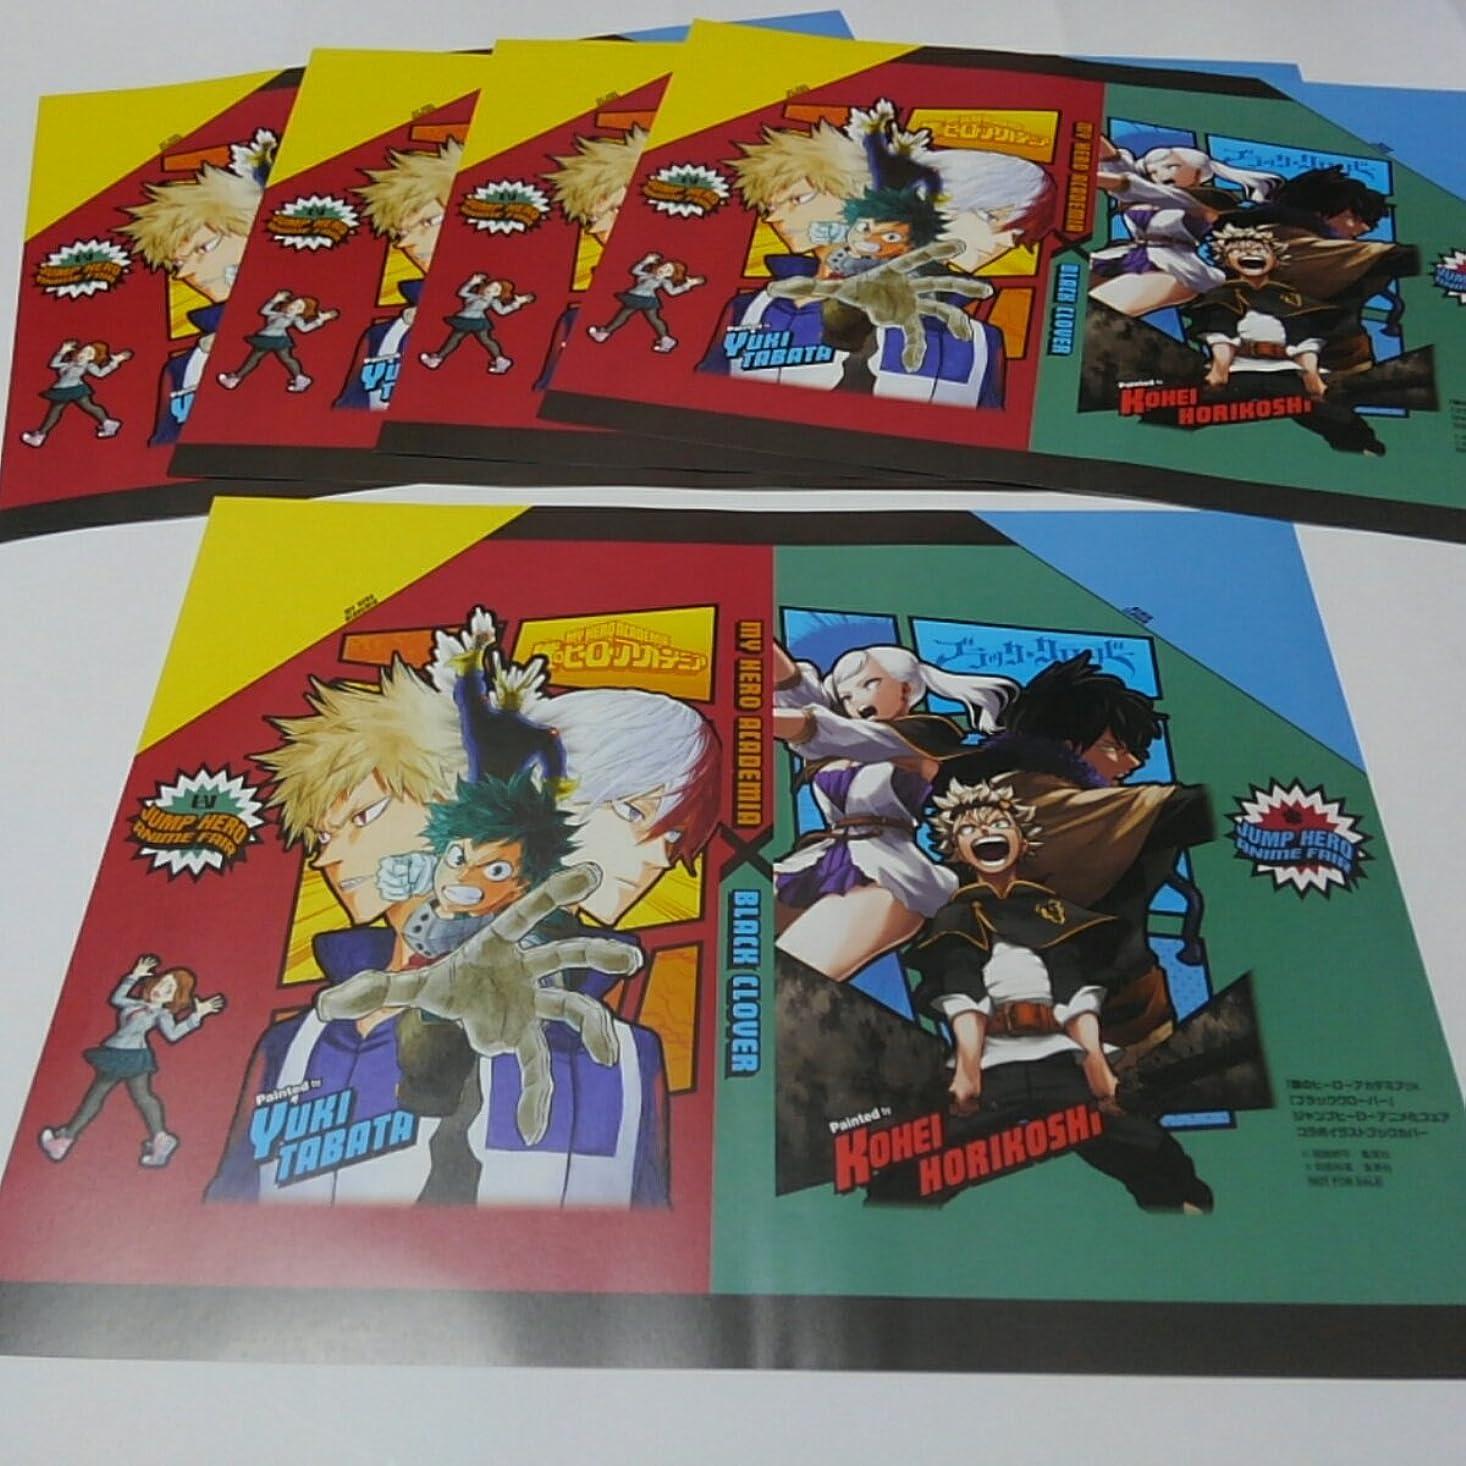 極小政治く僕のヒーローアカデミア ブラッククローバー 特典 ブックカバー 5枚セット アニメ化フェア ノベルティグッズ 少年ジャンプ展 チラシ